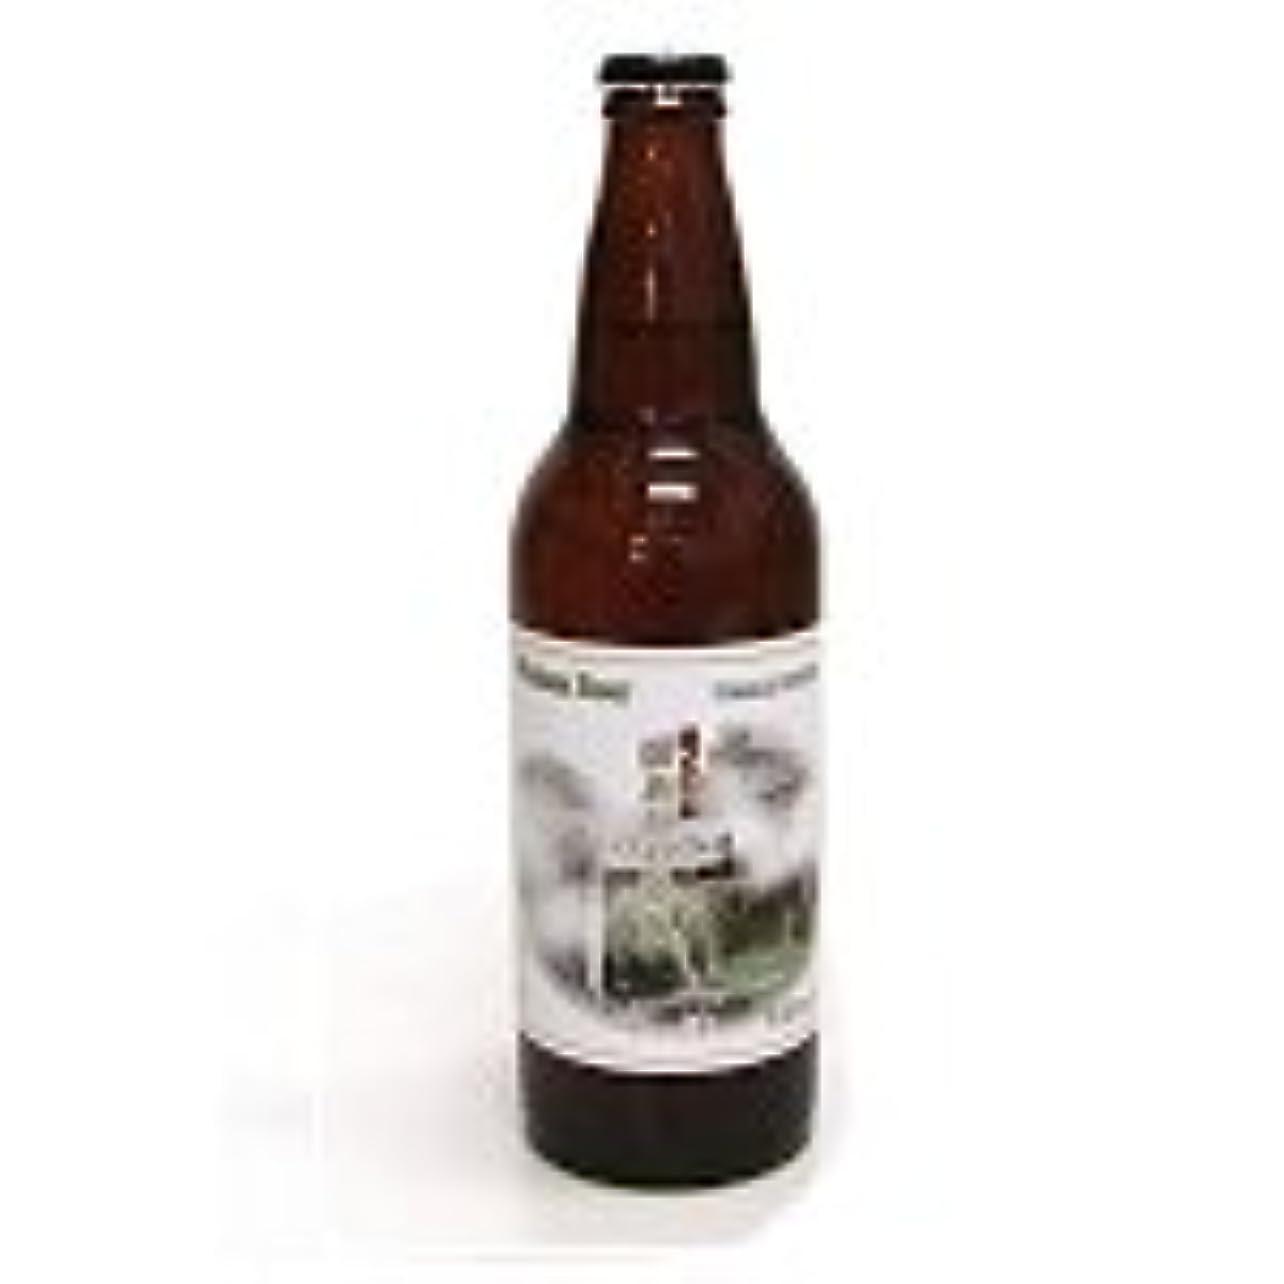 田園プラザ川場 群馬の地酒 地ビール 湯あがり涼風 500ml